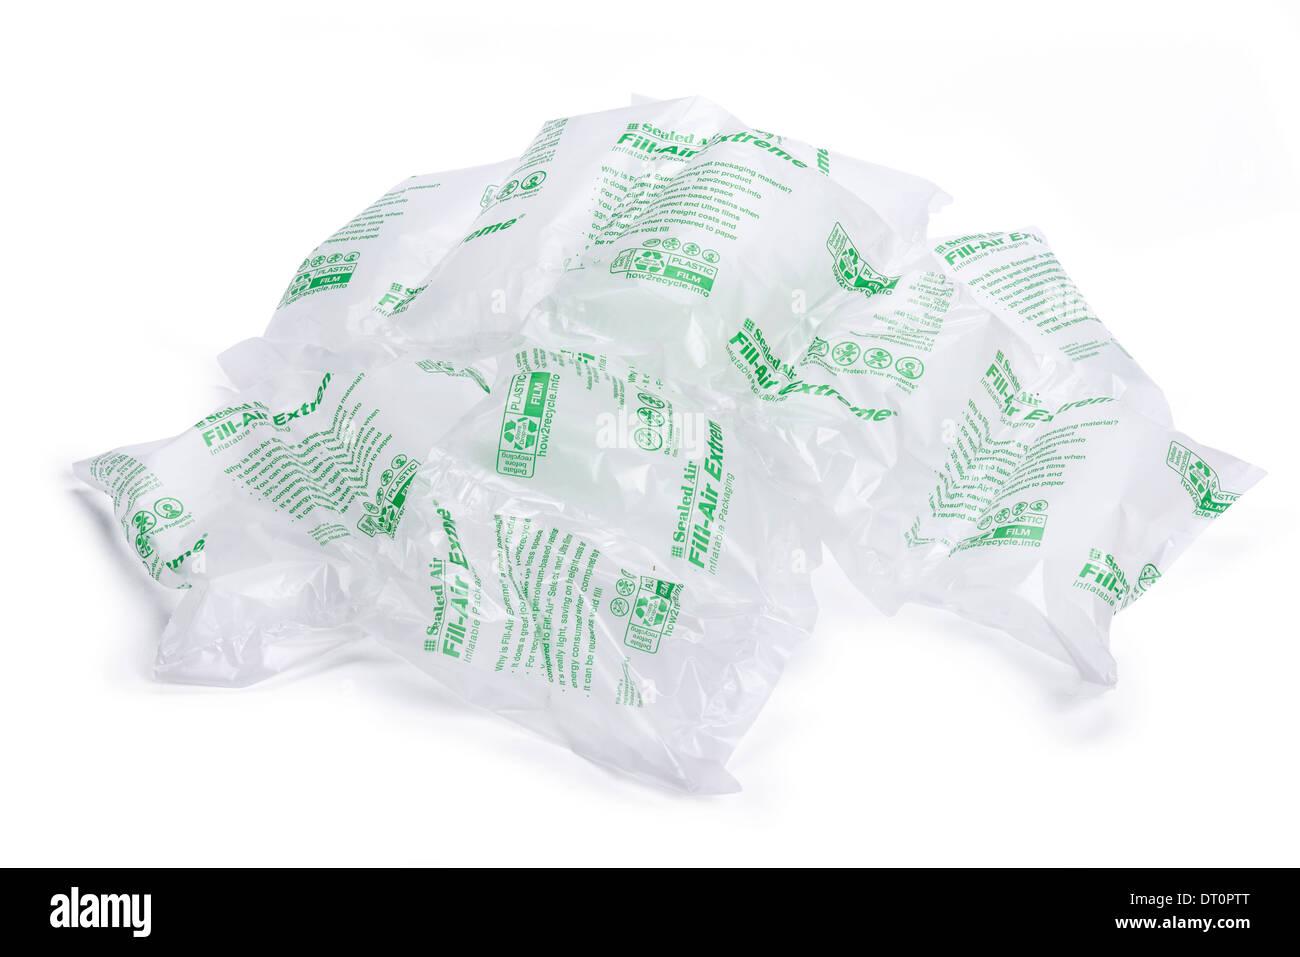 Luft-Beutel versiegelt Luft aufblasbare Verpackungsmaterial Stockfoto